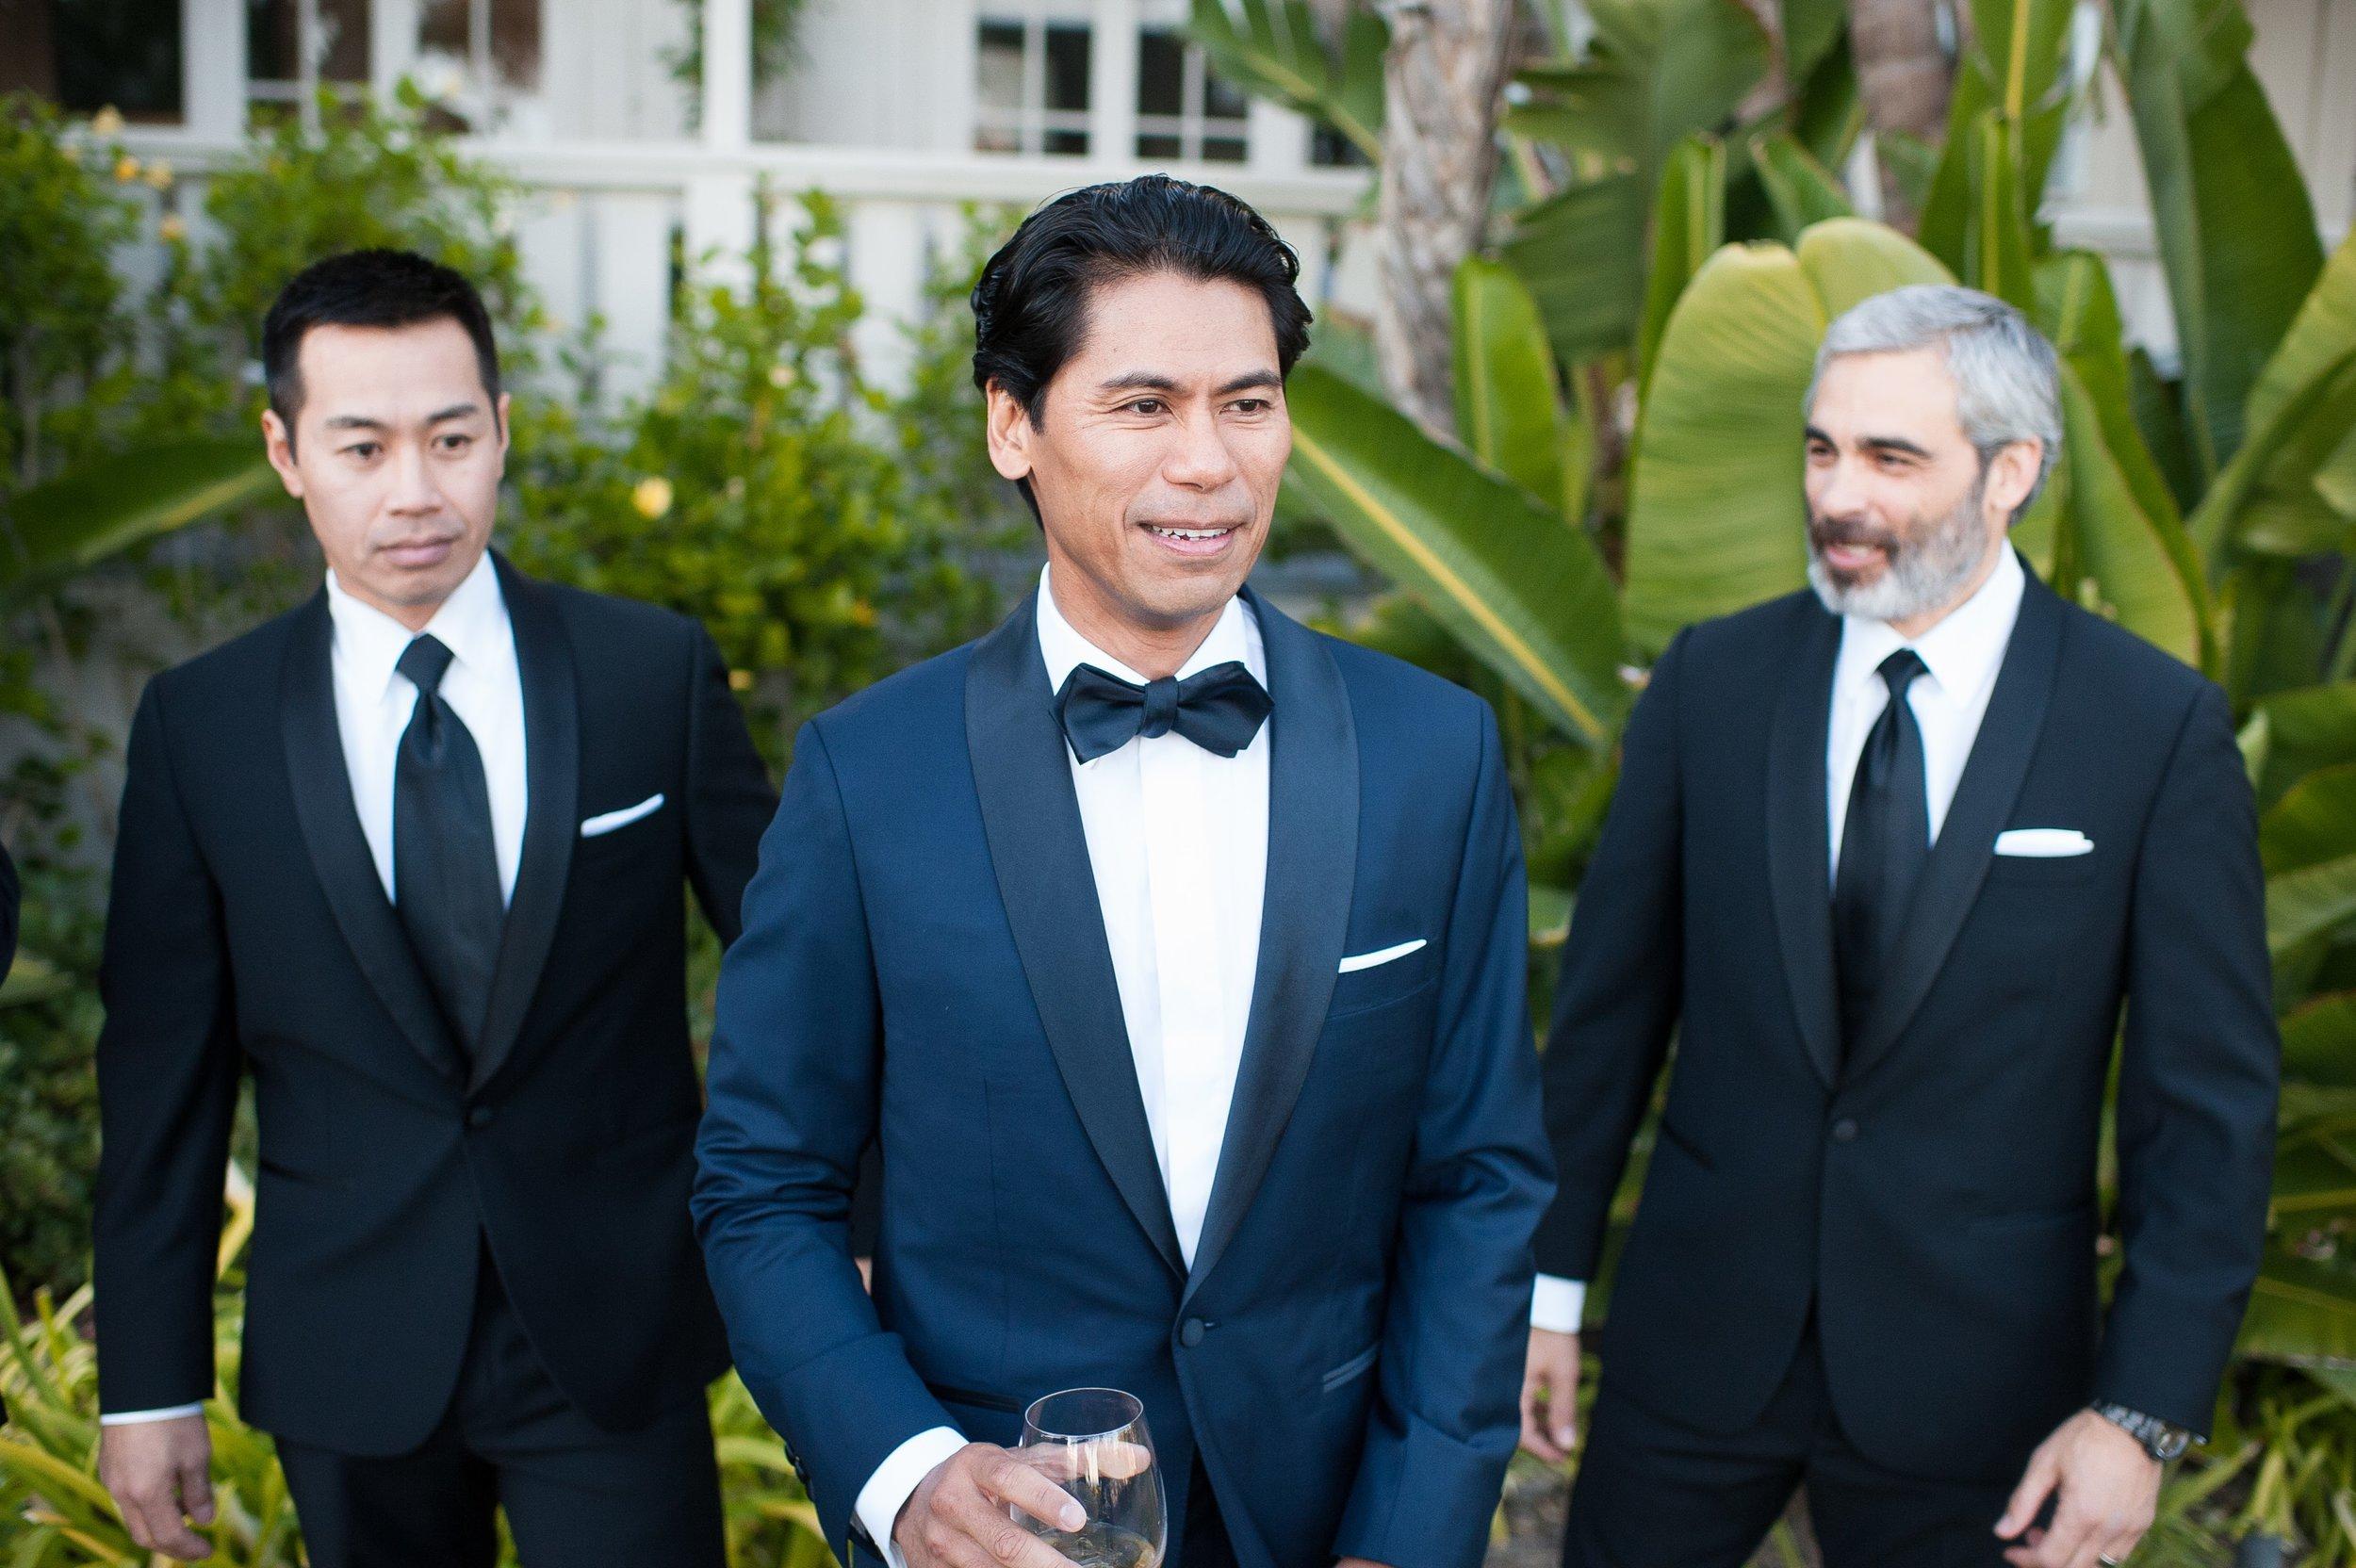 Felici Events | Wedding Planer | El Encanto Wedding | Santa Barbara Wedding | Wedding Planning |  Groom And Groomsmen